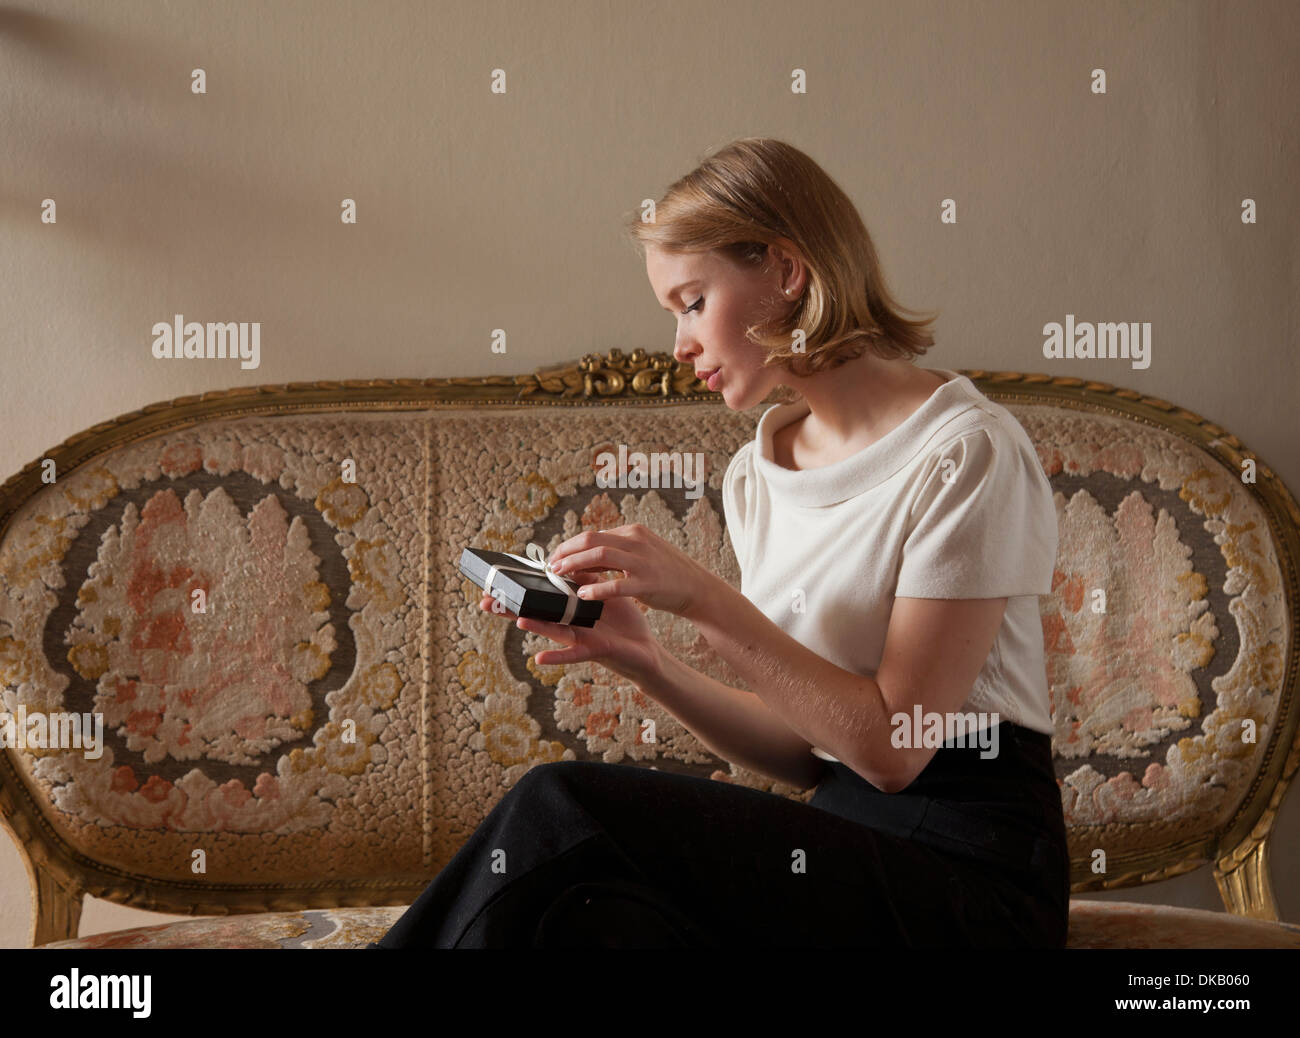 Frau Eröffnung Geschenk Stockbild